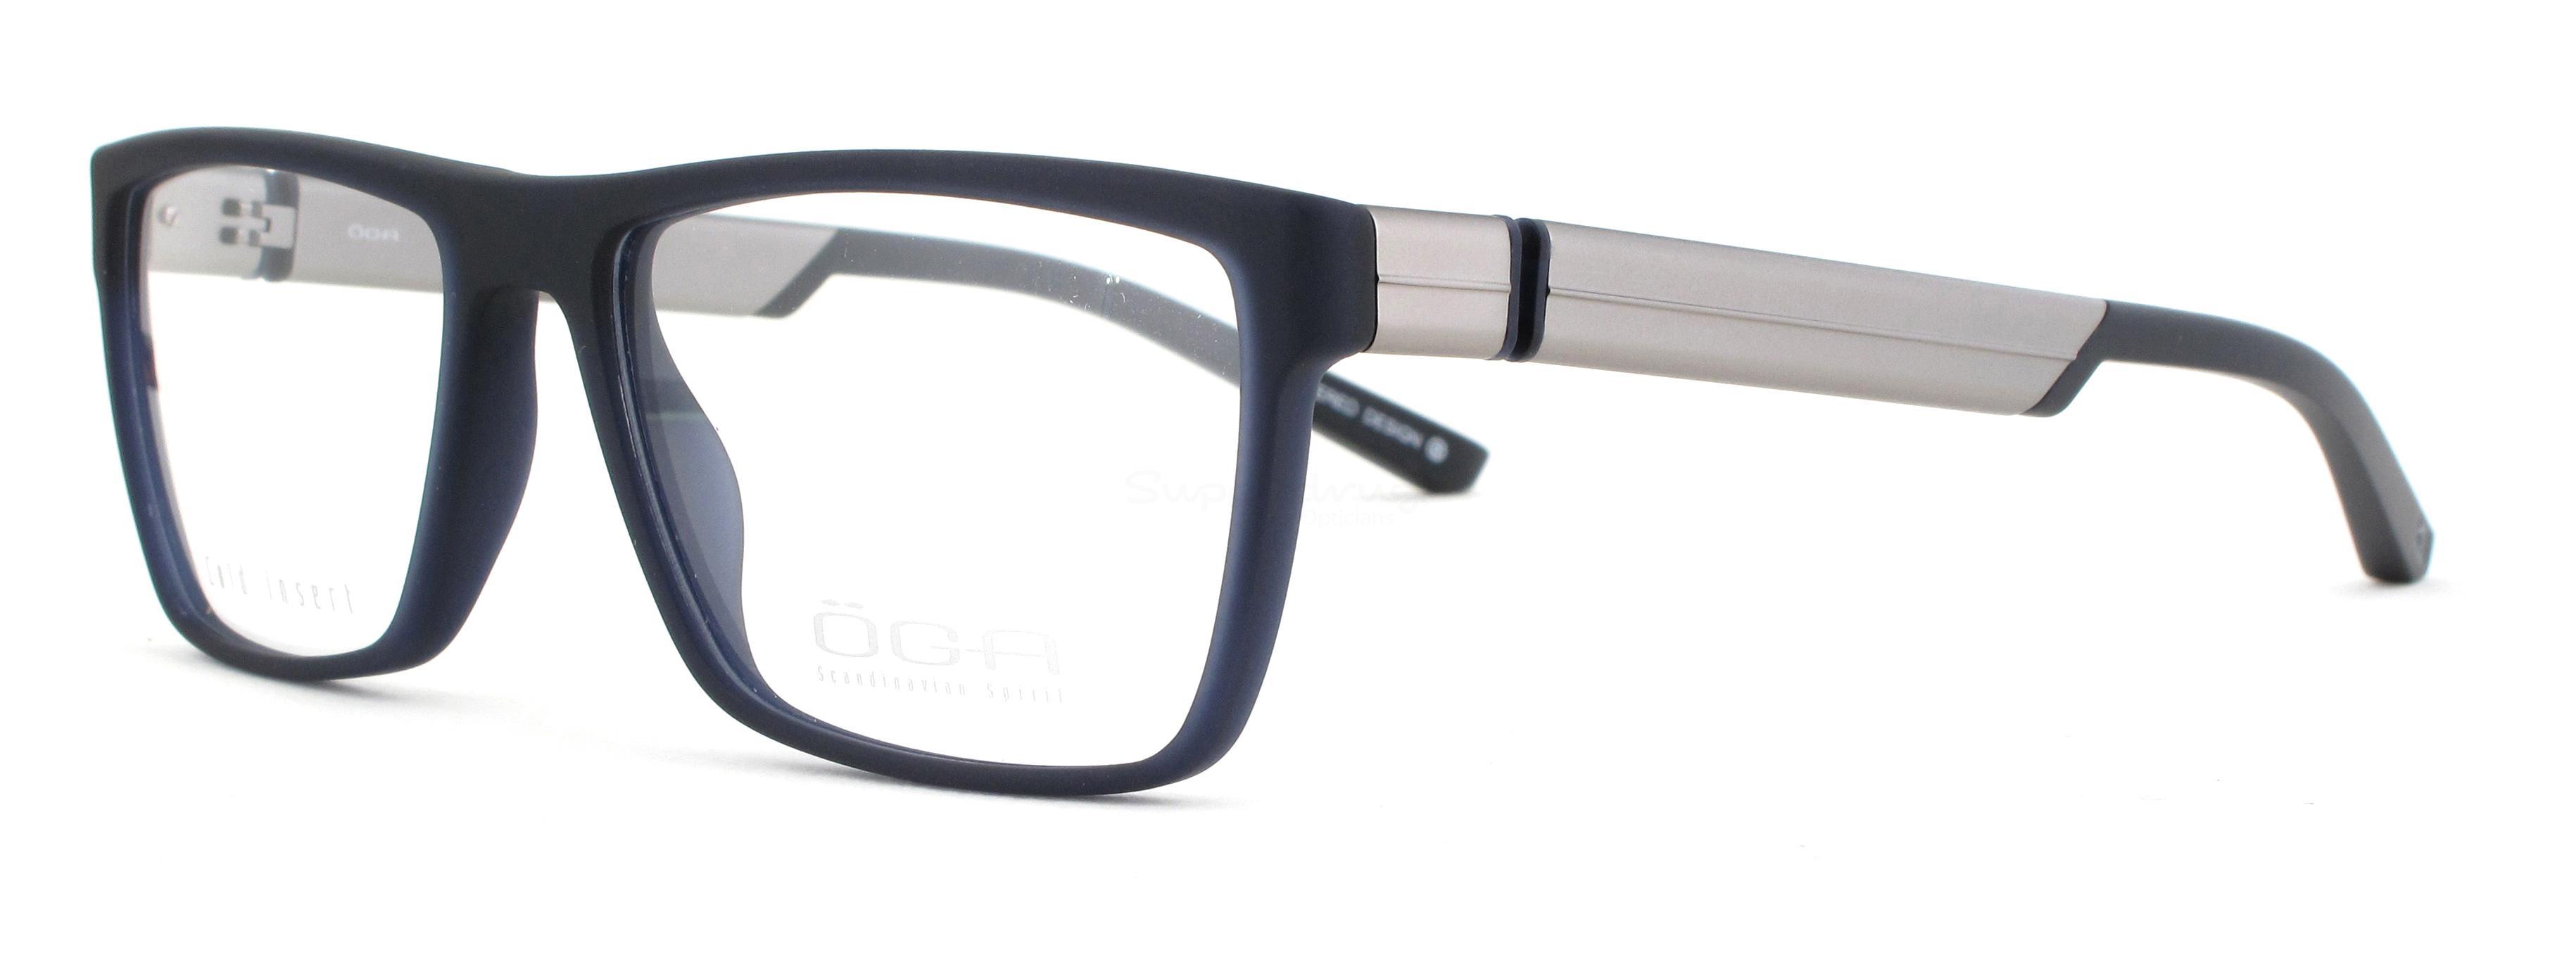 BG022 7650O AVLANG 1 Glasses, ÖGA Scandinavian Spirit